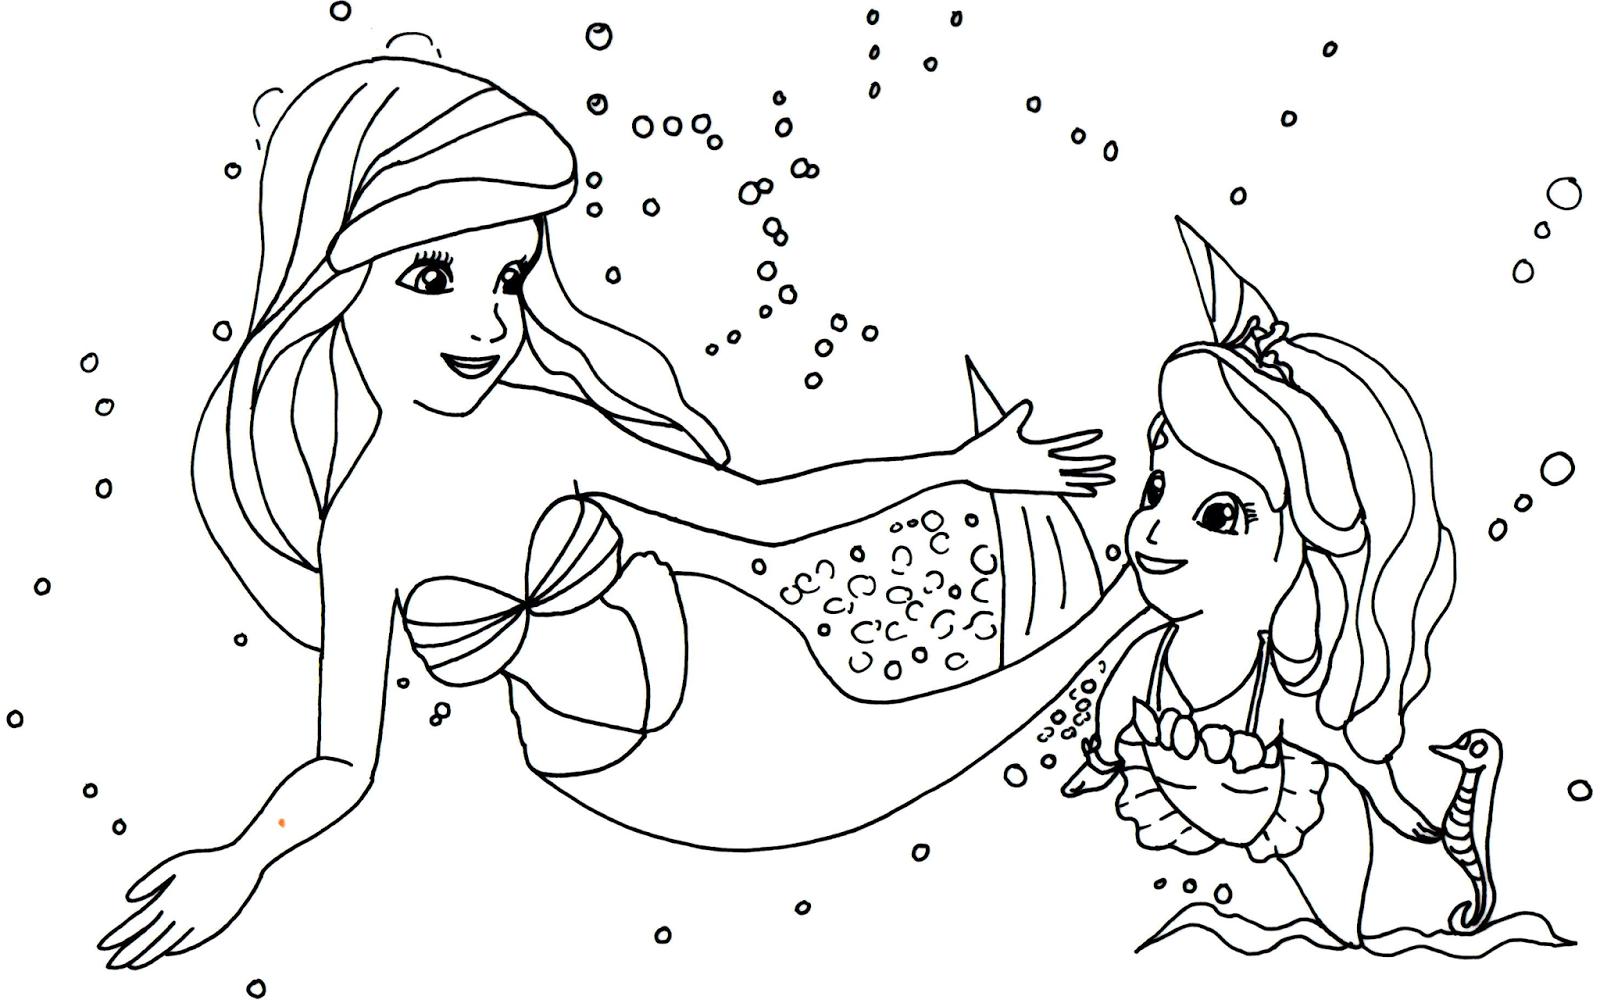 sofia the first color pages - desenho de princesa sereia sofia the first para colorir